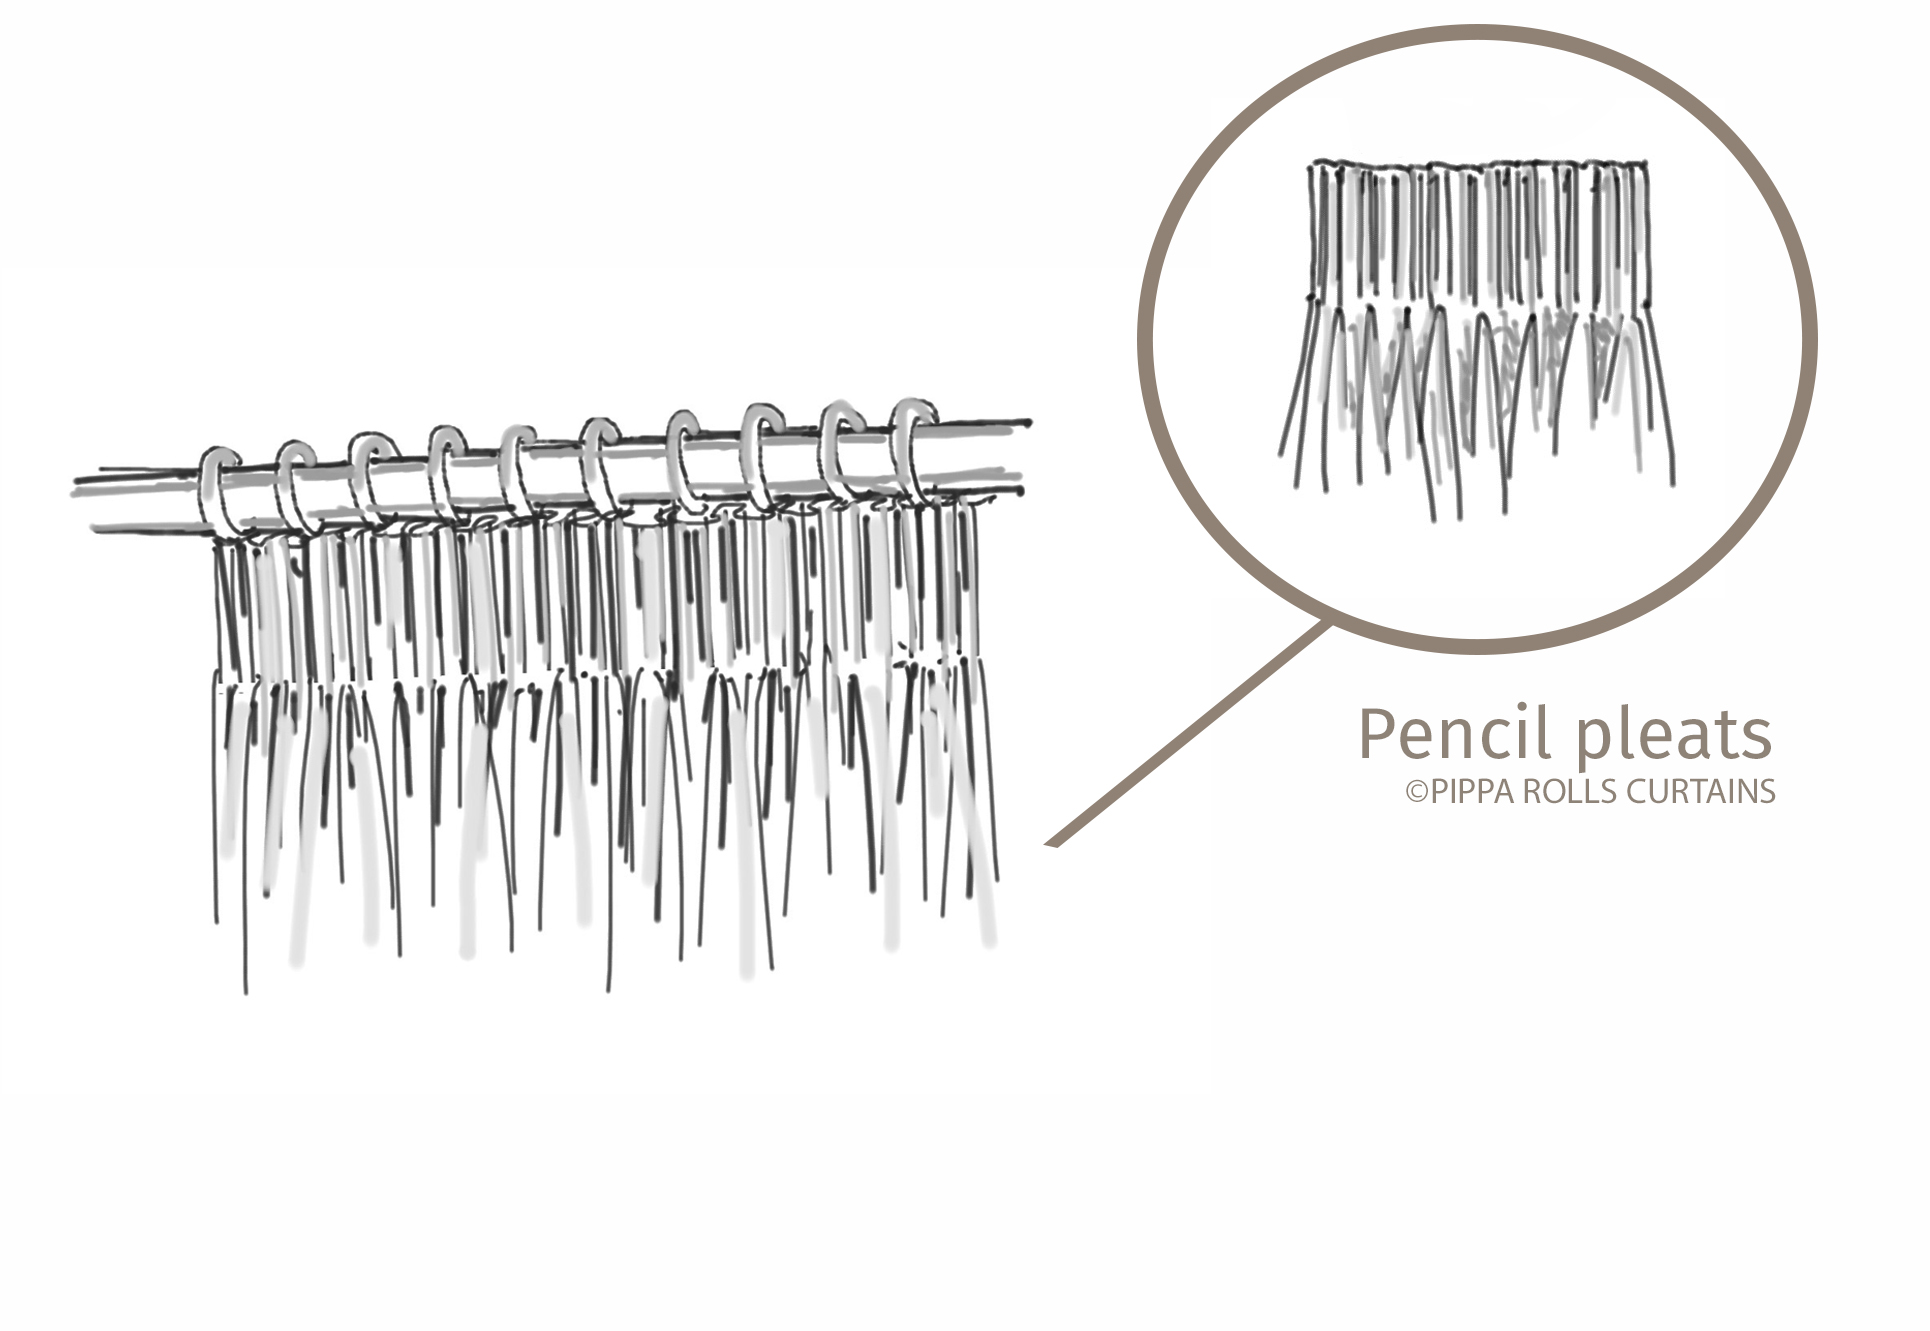 Pencil pleats jpeg.jpg